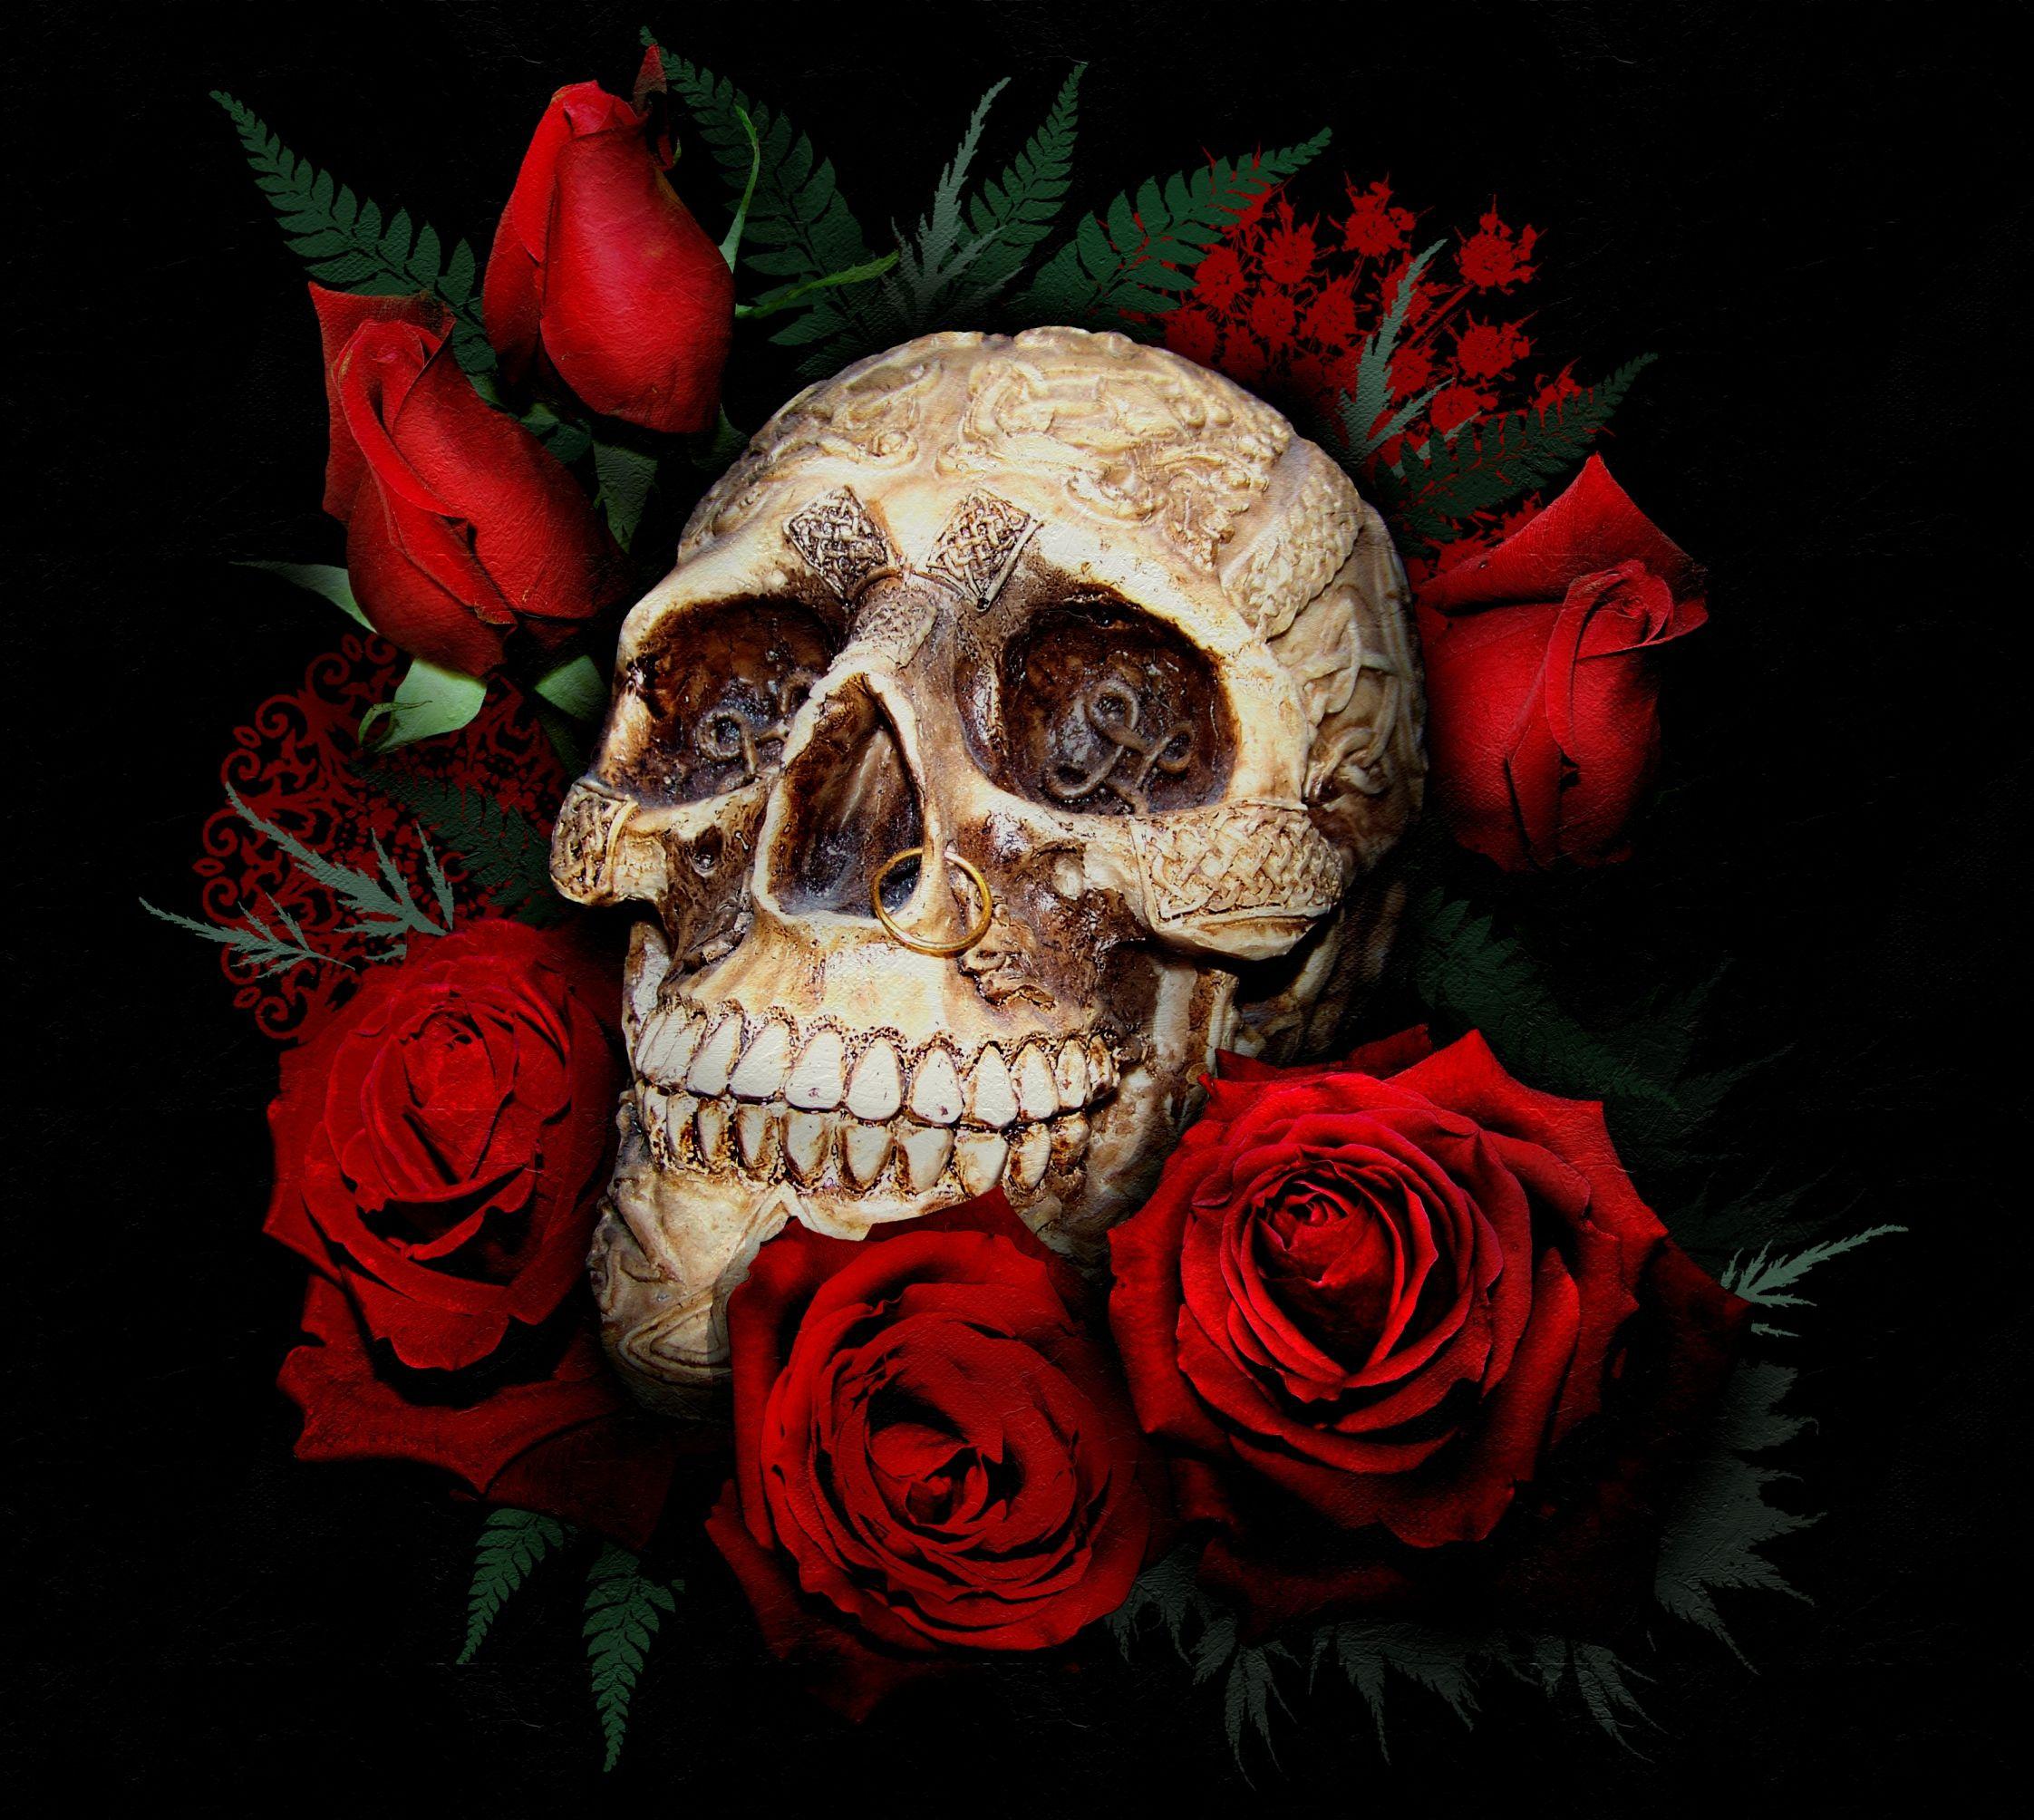 Skull Guitar Wallpaper Hd: Skull Wallpapers HD